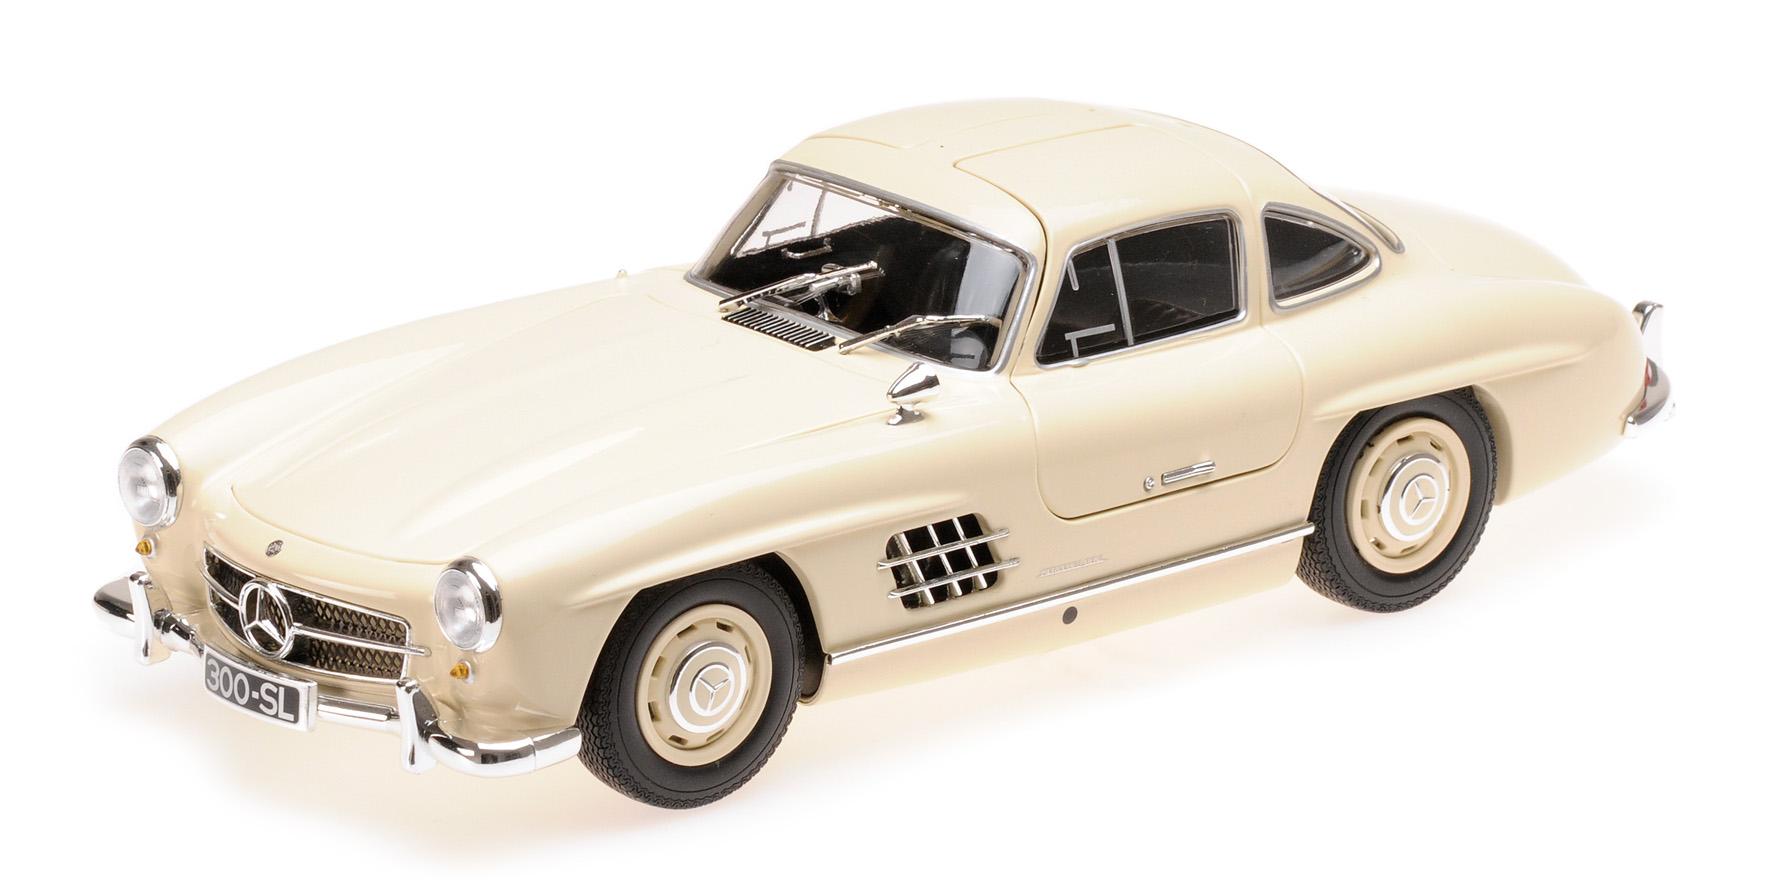 Mercedes 300 SL W198 Flügeltürer 1955 silber Modellauto 1:18 Minichamps